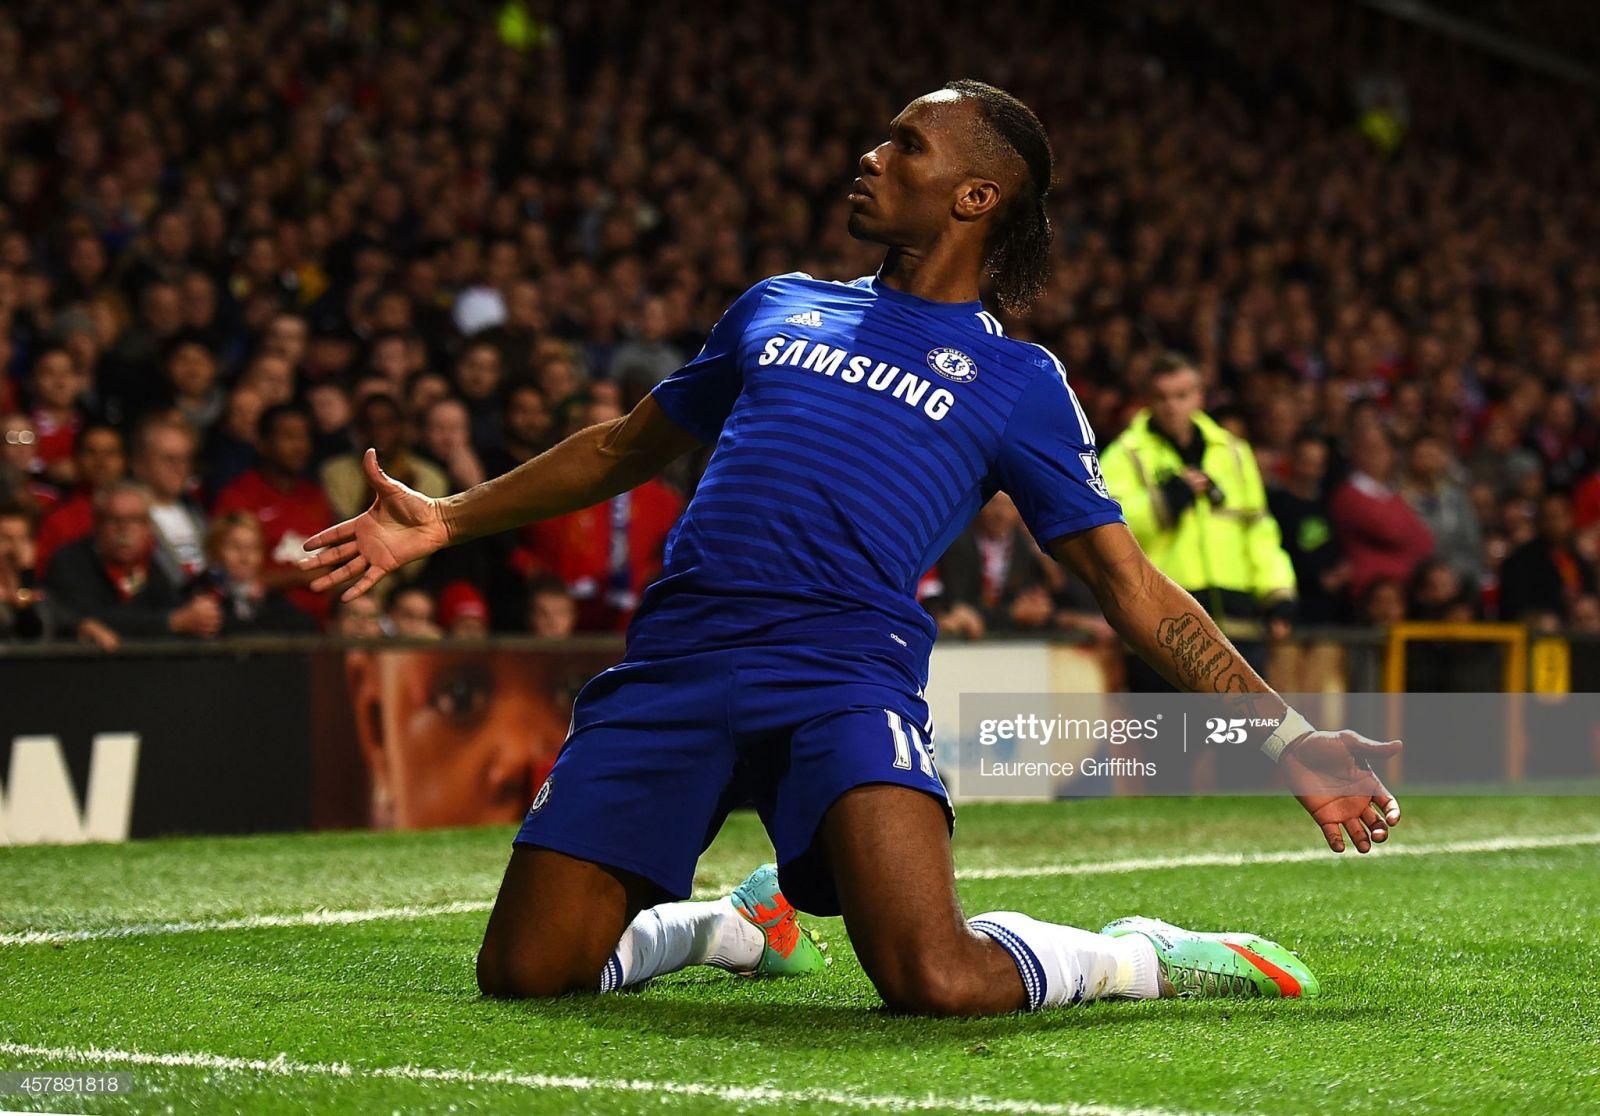 Drogba comemorando o gol durante a Premier League.Reprodução/Foto:Laurece Griffiths/Getty images